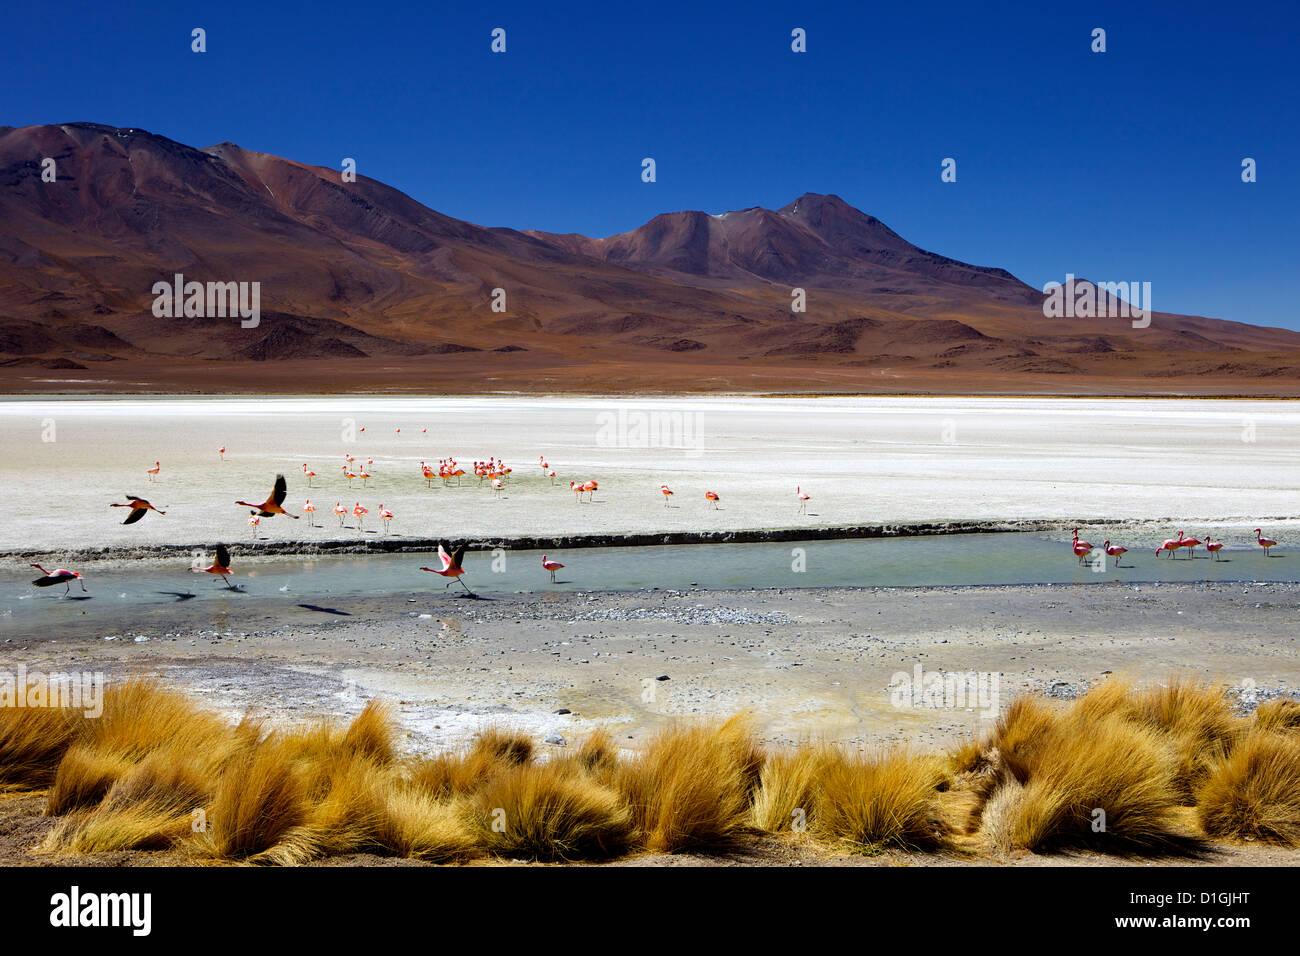 Flamingos on Laguna Canapa, Southwest Highlands, Bolivia, South America - Stock Image